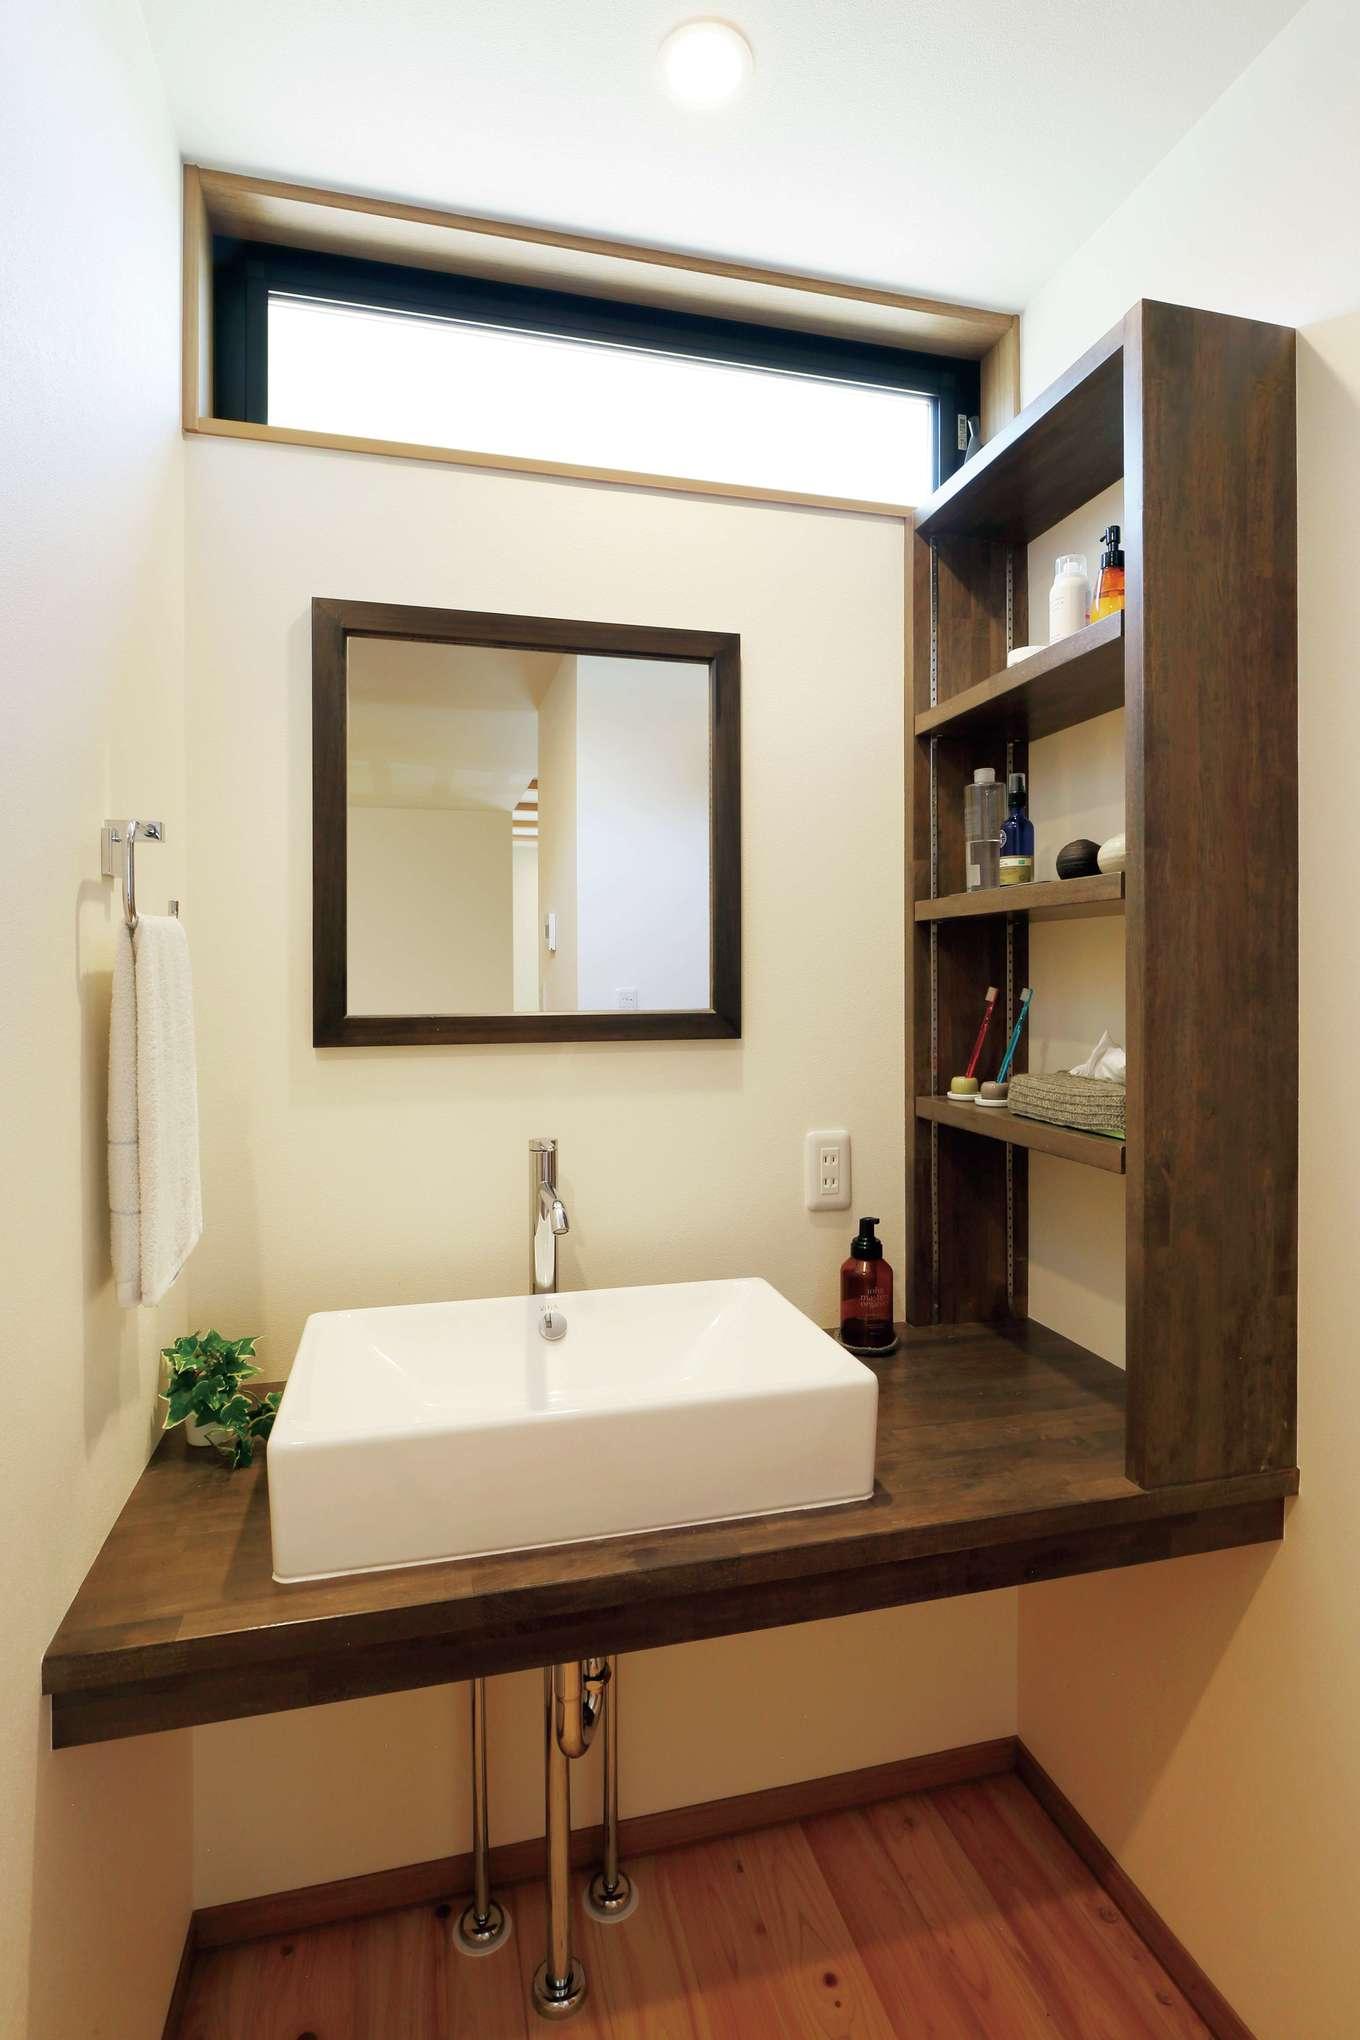 フジモクの家(富士木材)【デザイン住宅、収納力、自然素材】造作の洗面台と収納棚。ハイサイドライトを採用したことで、北面とは思えないほどの明るさを実現。鏡の形までこだわった